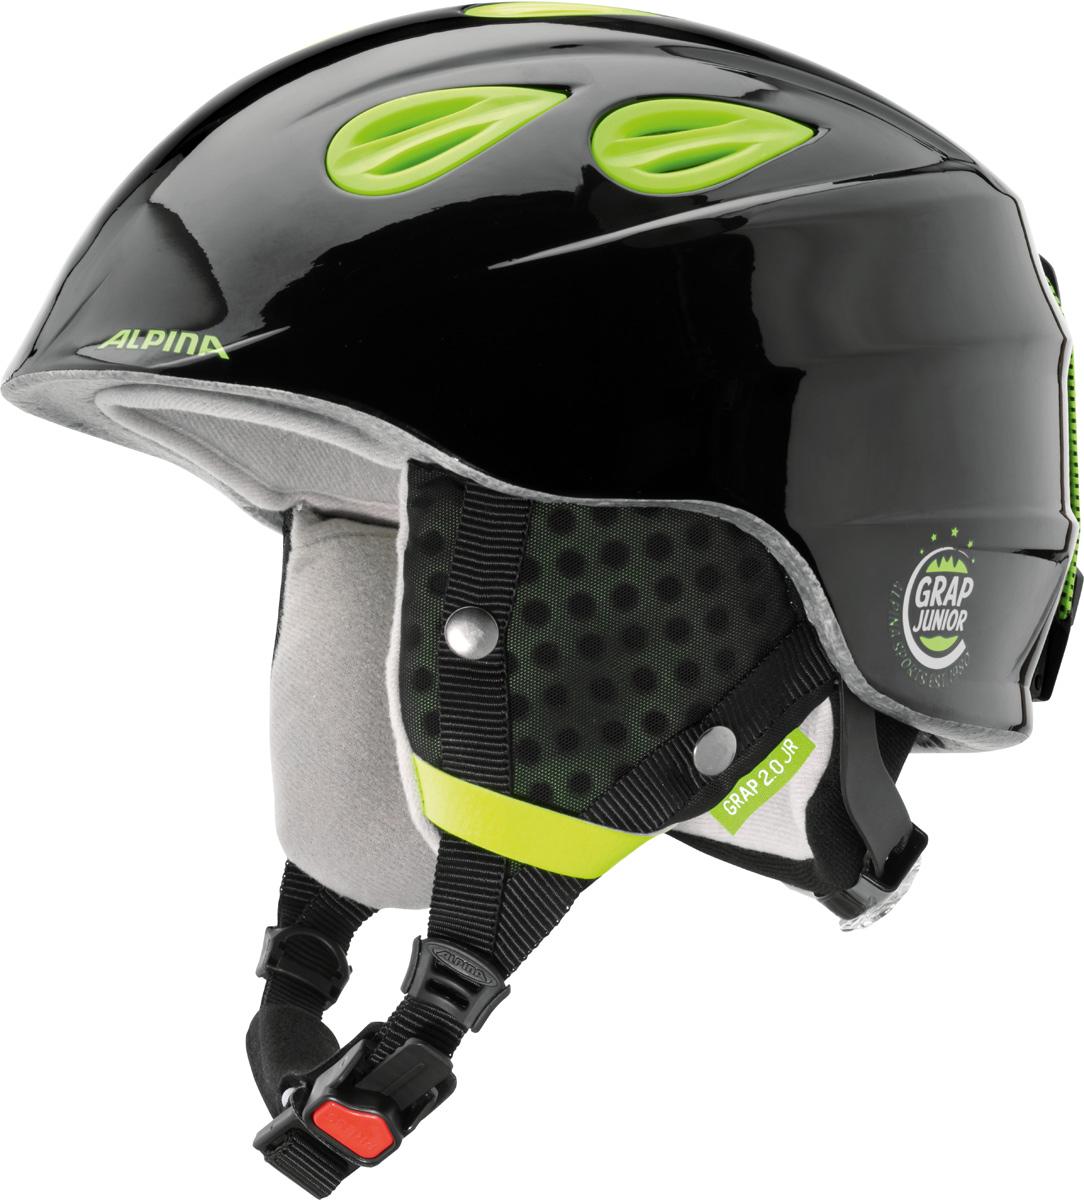 Шлем горнолыжный Alpina GRAP 2.0 JR black-neon-yellow. Размер 54-57A9086_35Детская версия популярнейшего шлема Alpina Grap 2.0, сохранившая все технические преимущества взрослой модели.• Вентиляционные отверстия препятствуют перегреву и позволяют поддерживать идеальную температуру внутри шлема. Для этого инженеры Alpina используют эффект Вентури, чтобы сделать циркуляцию воздуха постоянной и максимально эффективной• Съемные ушки-амбушюры можно снять за секунду и сложить в карман лыжной куртки. Если вы наслаждаетесь катанием в начале апреля, такая возможность должна вас порадовать. А когда температура снова упадет - щелк и вкладыш снова на месте!• Внутренник шлема легко вынимается, стирается, сушится и вставляется обратно• Прочная и лёгкая конструкция In-mold. Тонкая и прочная поликарбонатная оболочка под воздействием высокой температуры и давления буквально сплавляется с гранулами EPS, которые гасят ударную нагрузку.• Внутренная оболочка каждого шлема Alpina состоит из гранул HI-EPS (сильно вспененного полистирола). Микроскопические воздушные карманы эффективно поглощают ударную нагрузку и обеспечивают высокую теплоизоляцию. Эта технология позволяет достичь минимальной толщины оболочки. А так как гранулы HI-EPS не впитывают влагу, их защитный эффект не ослабевает со временем.• Из задней части шлема можно достать шейный утеплитель из мякого микро-флиса. Этот теплый воротник также защищает шею от ударов на высокой скорости и при сибирских морозах. В удобной конструкции отсутствуют точки давления на шею• Вместо фастекса на ремешке используется красная кнопка с автоматическим запирающим механизмом, которую легко использовать даже в лыжных перчатках. Механизм защищён от произвольного раскрытия при падении• Ручка регулировки Run System Classic в задней части шлема позволяет за мгновение комфортно усадить шлем на затылке• Y-образный ремнераспределитель двух ремешков находится под ухом и обеспечивает быструю и точную посадку шлема на голове.